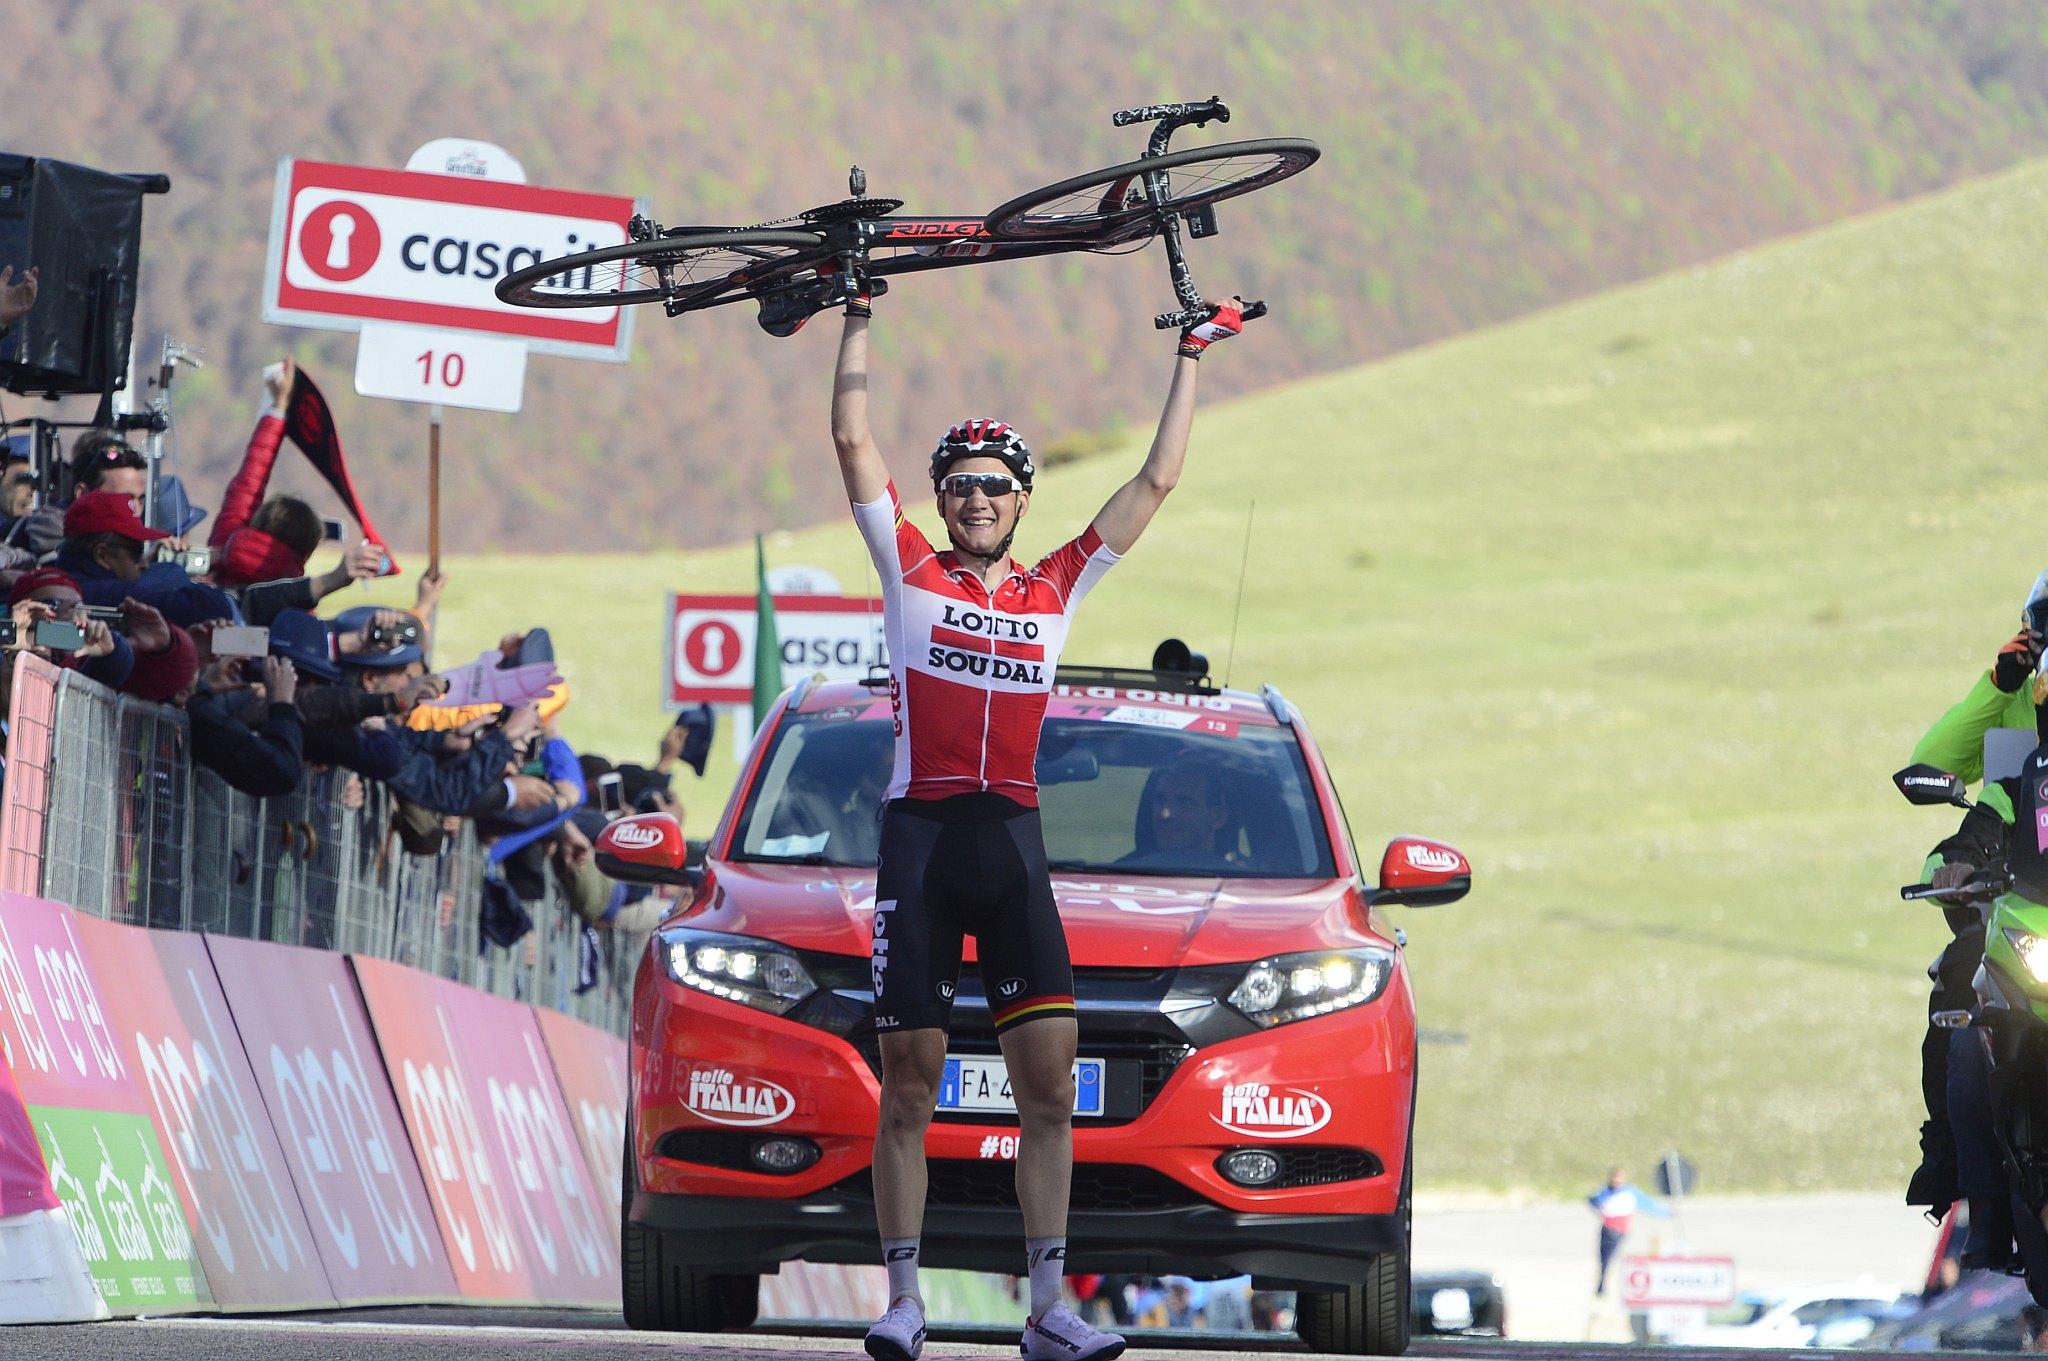 12-05-2016 Giro D'italia; Tappa 06 Ponte - Roccaraso; 2016, Lotto Soudal; Wellens, Tim; Roccaraso;